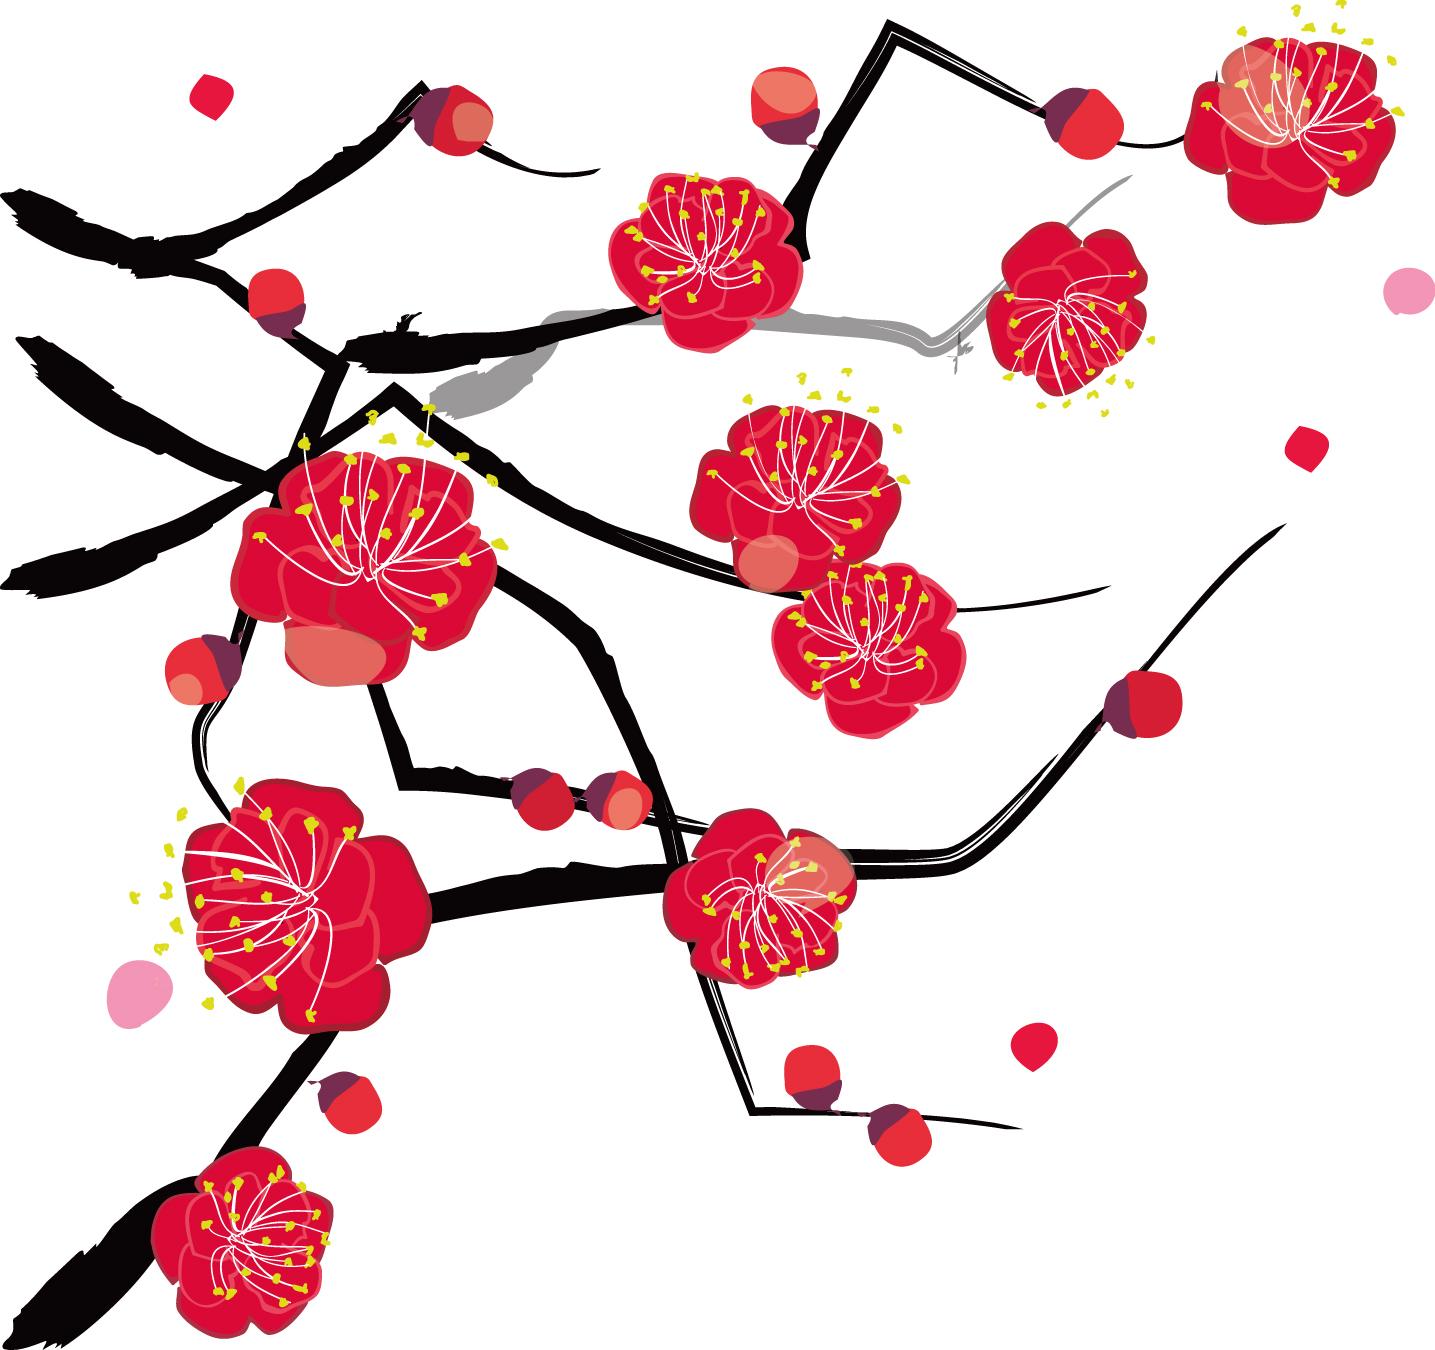 年賀状イラスト素材「梅」艶やかな梅ダウンロード|かわいい無料イラスト